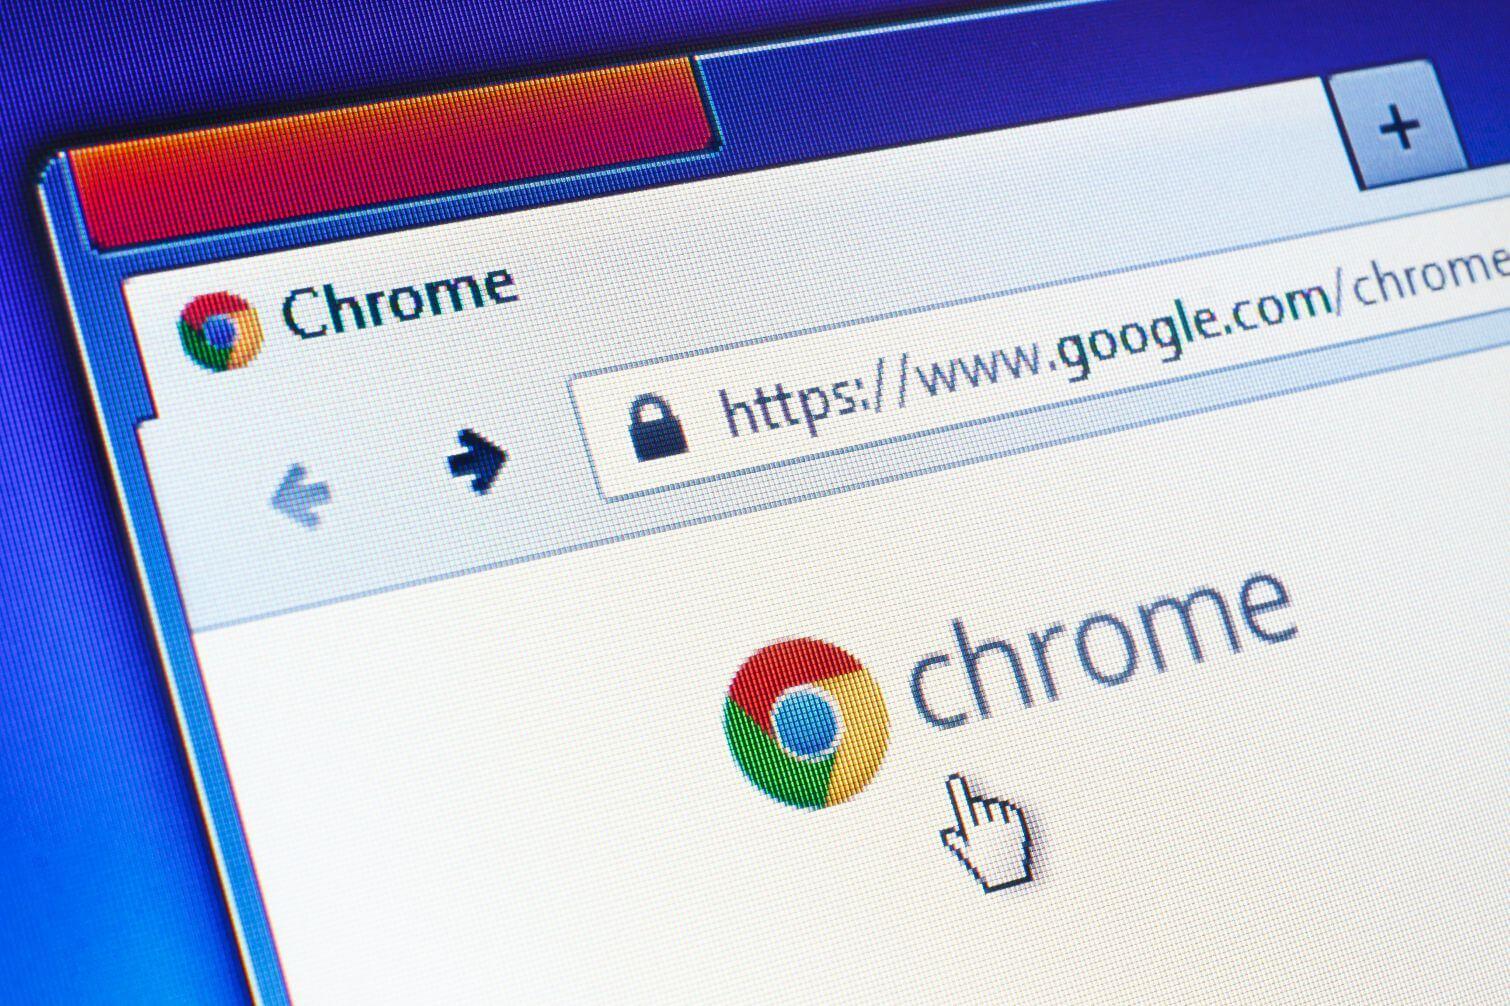 متصفح Google Chrome يحصل على التحكم بأزرار الوسائط المُتعددة